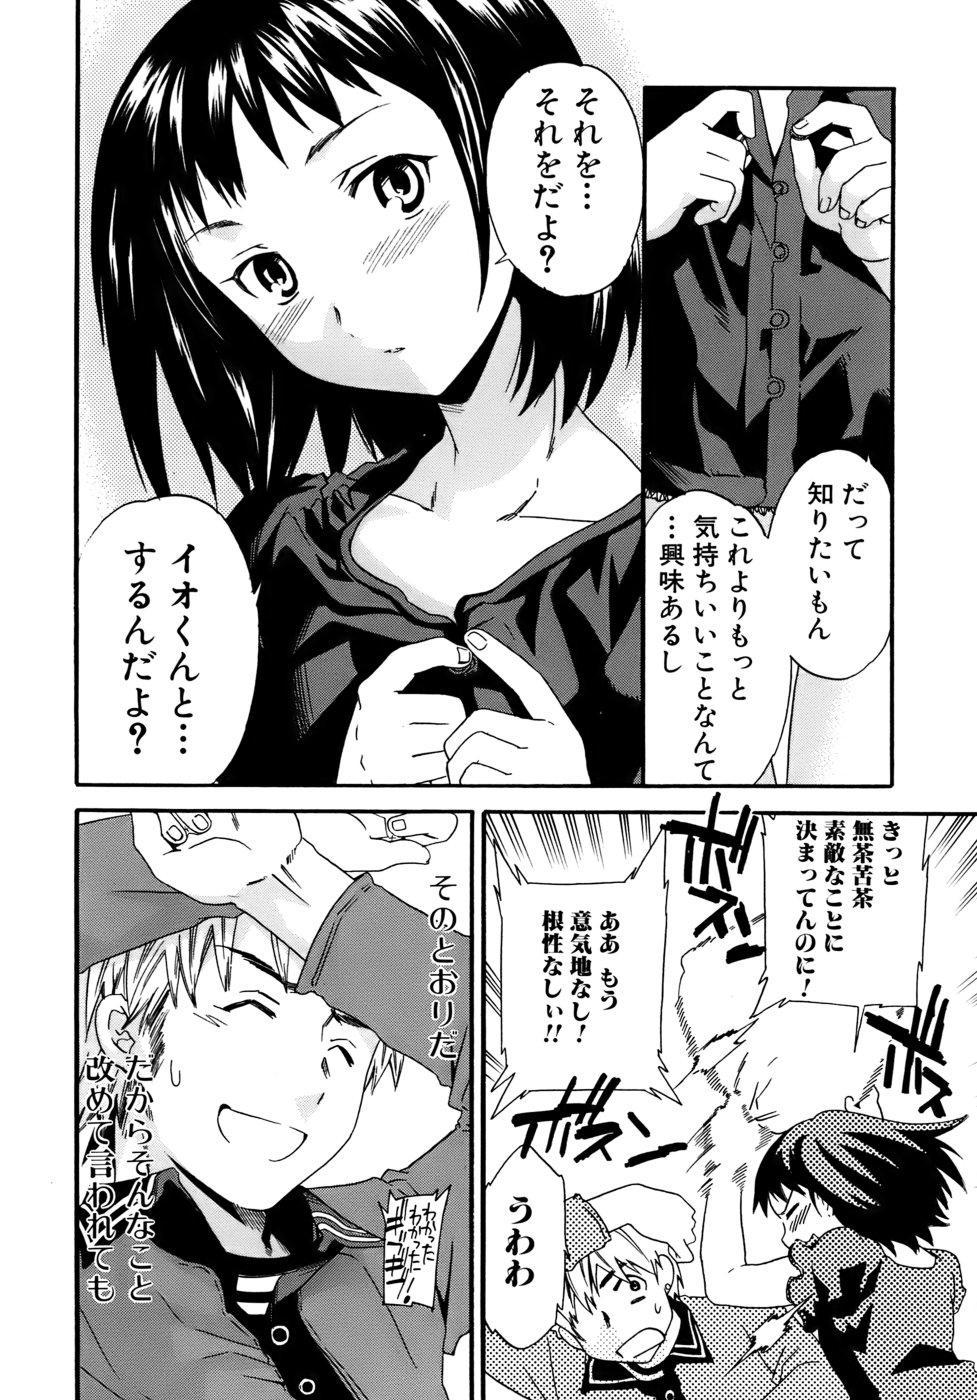 Kanojo no Bitai - Her Coquetry 64